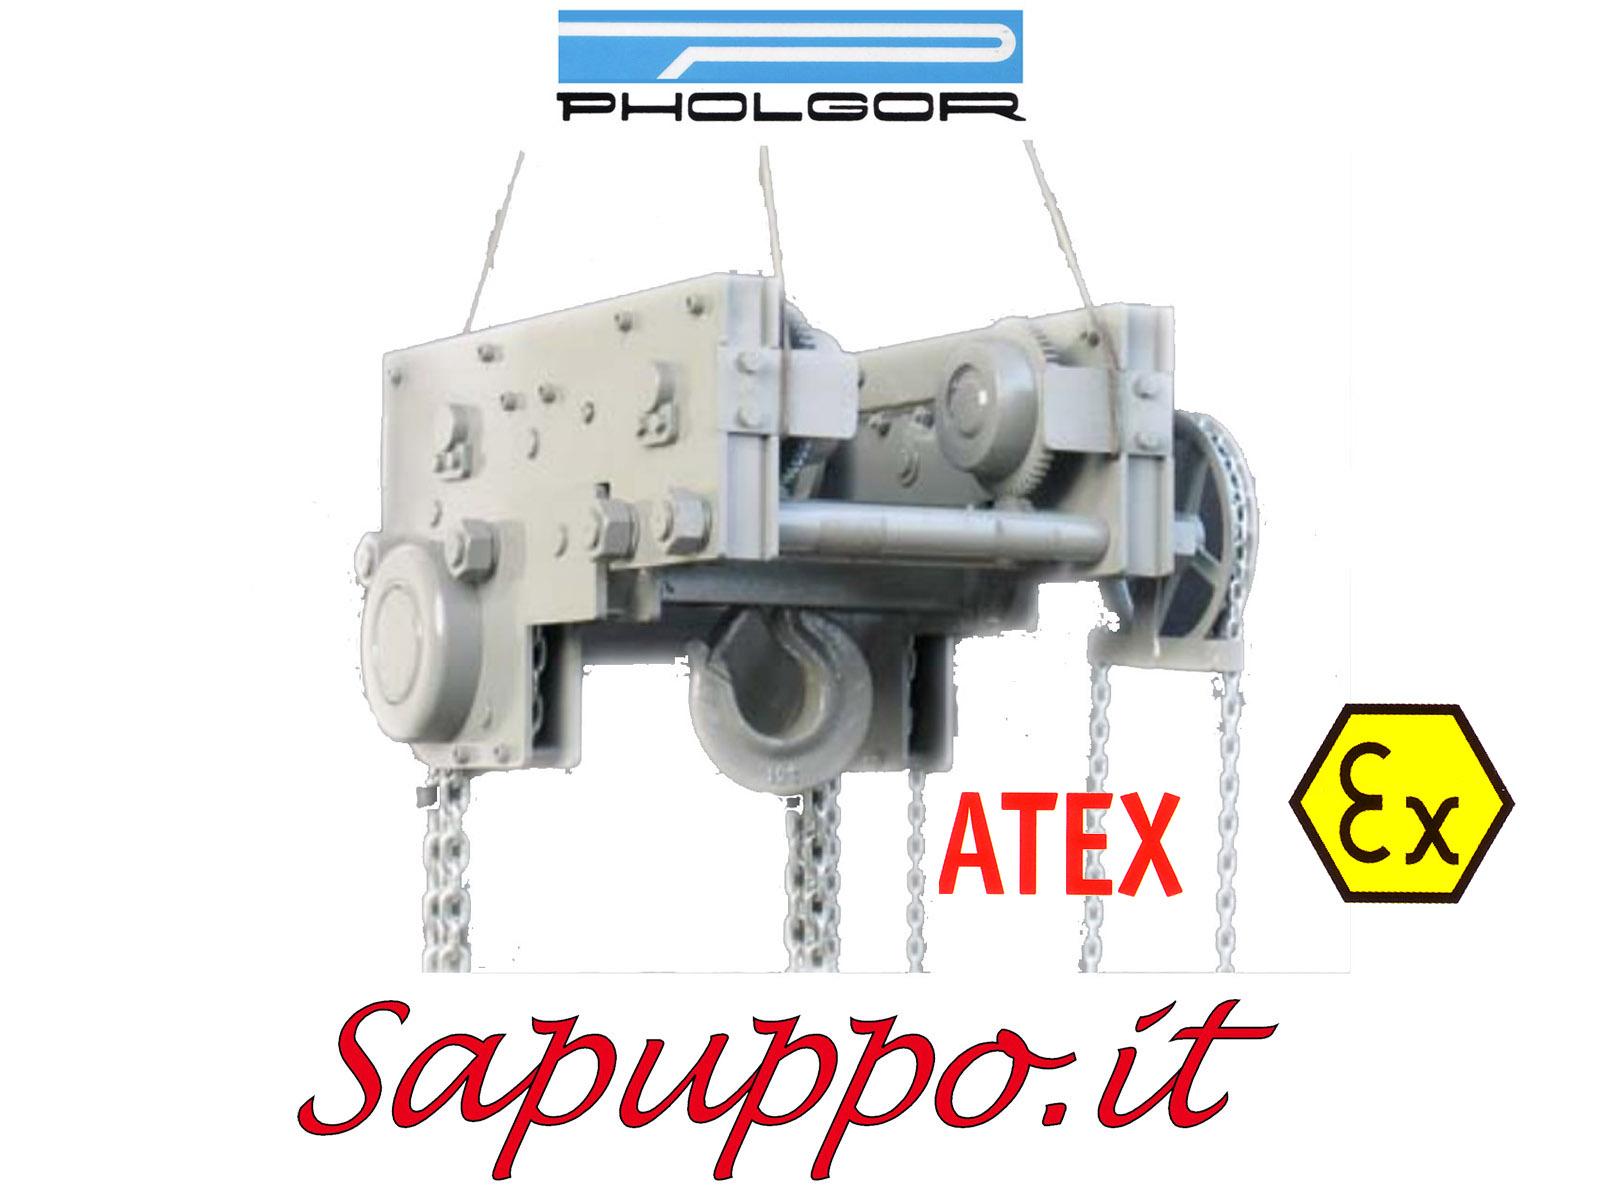 Paranco manuale combinato con carrello tipo CR versione speciale ATEX - PHOLGOR